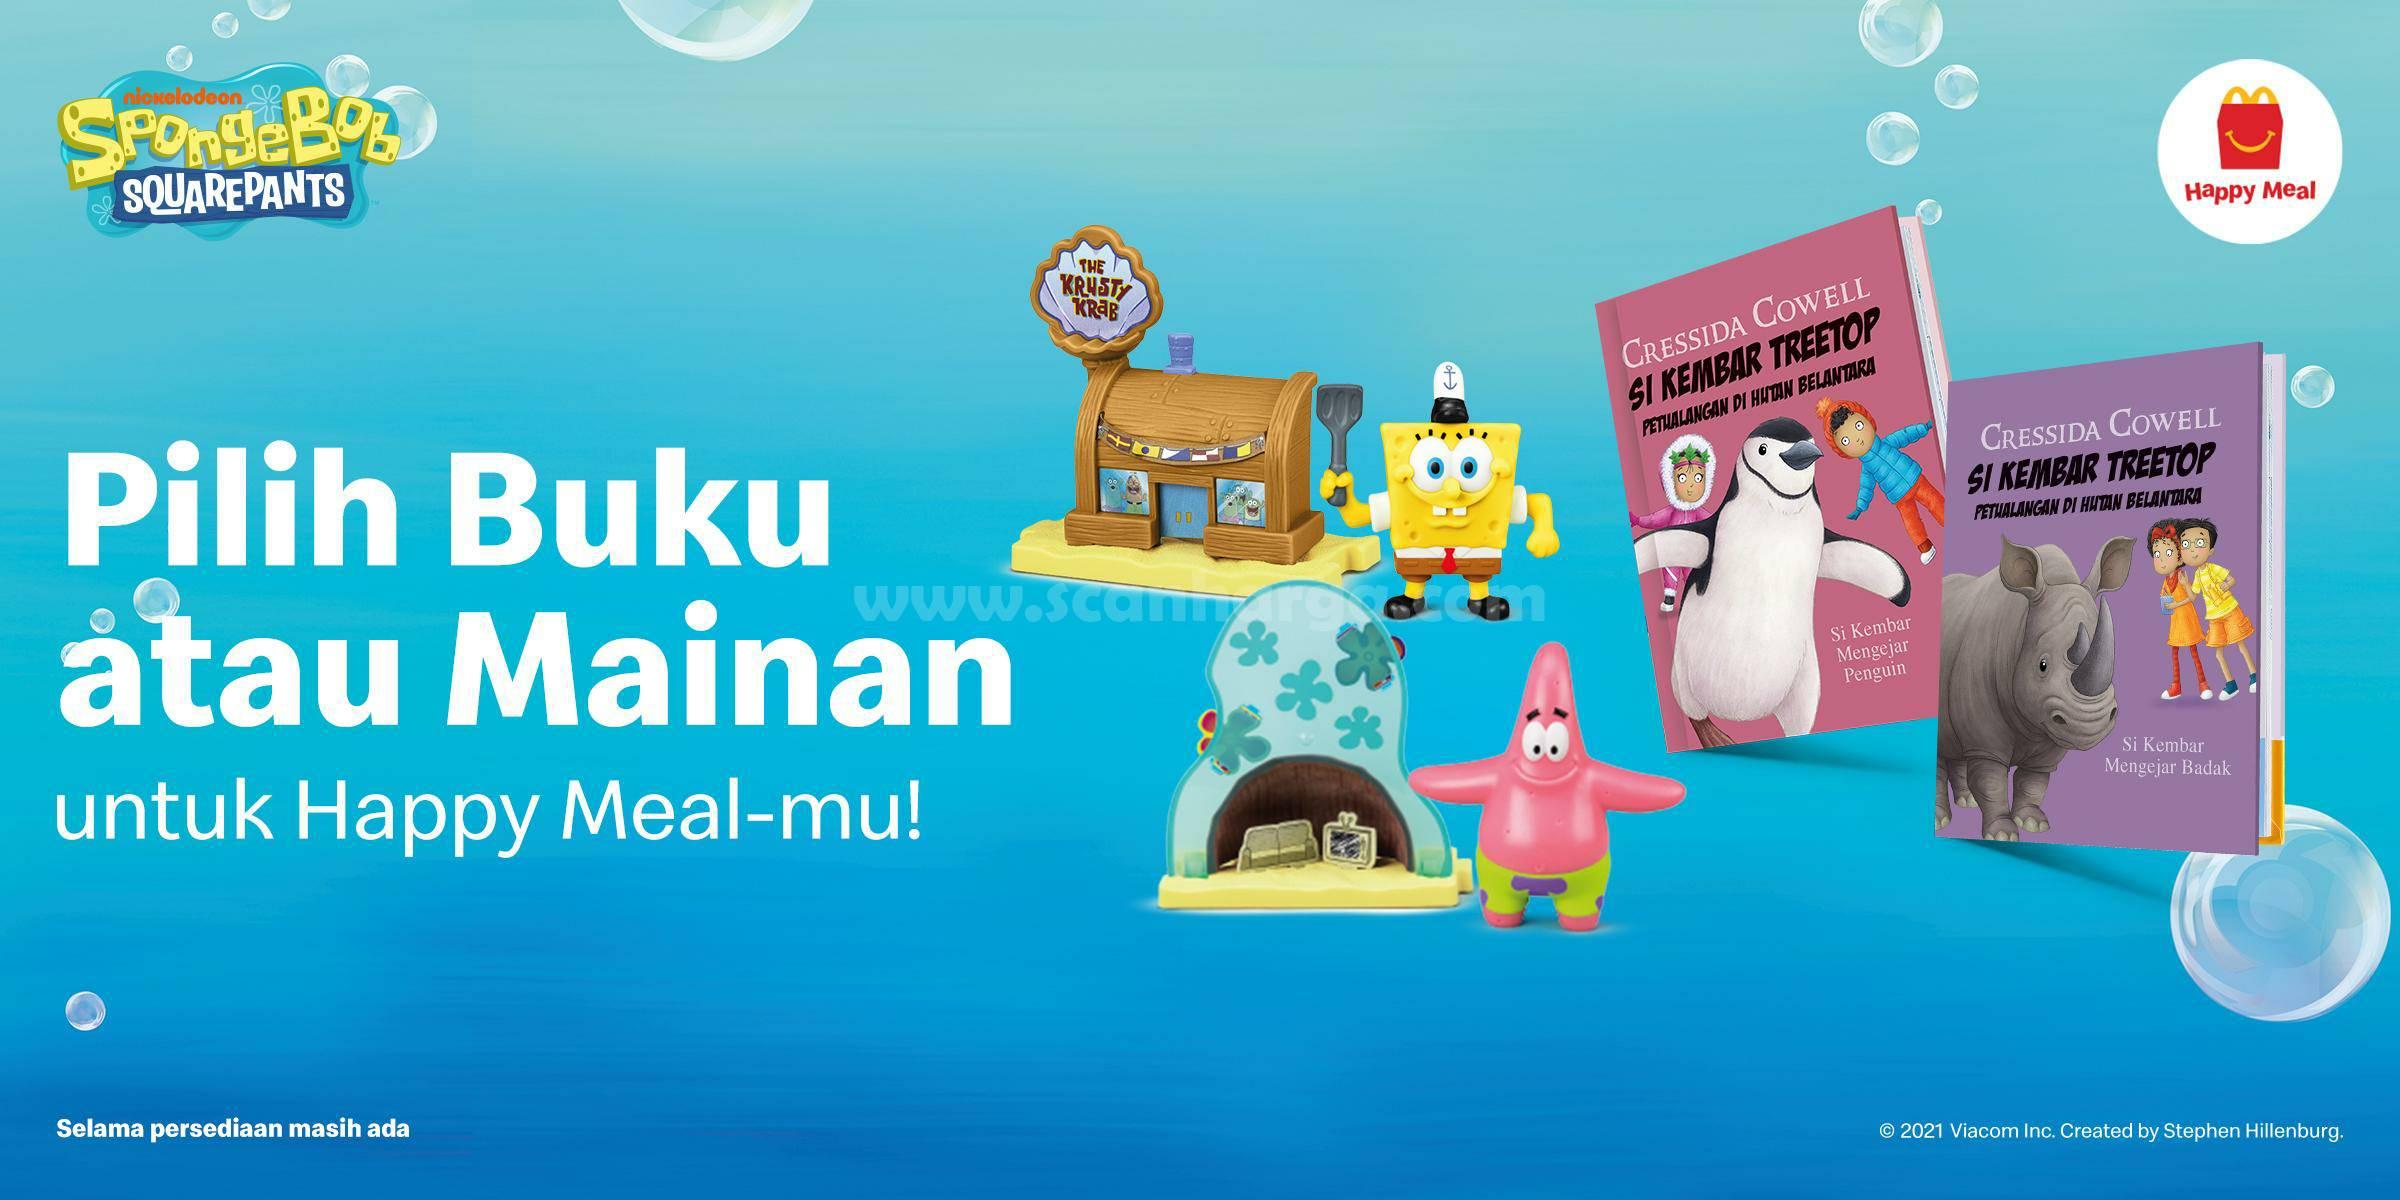 McDonalds Happy Meal Terbaru – GRATIS Mainan SpongeBob